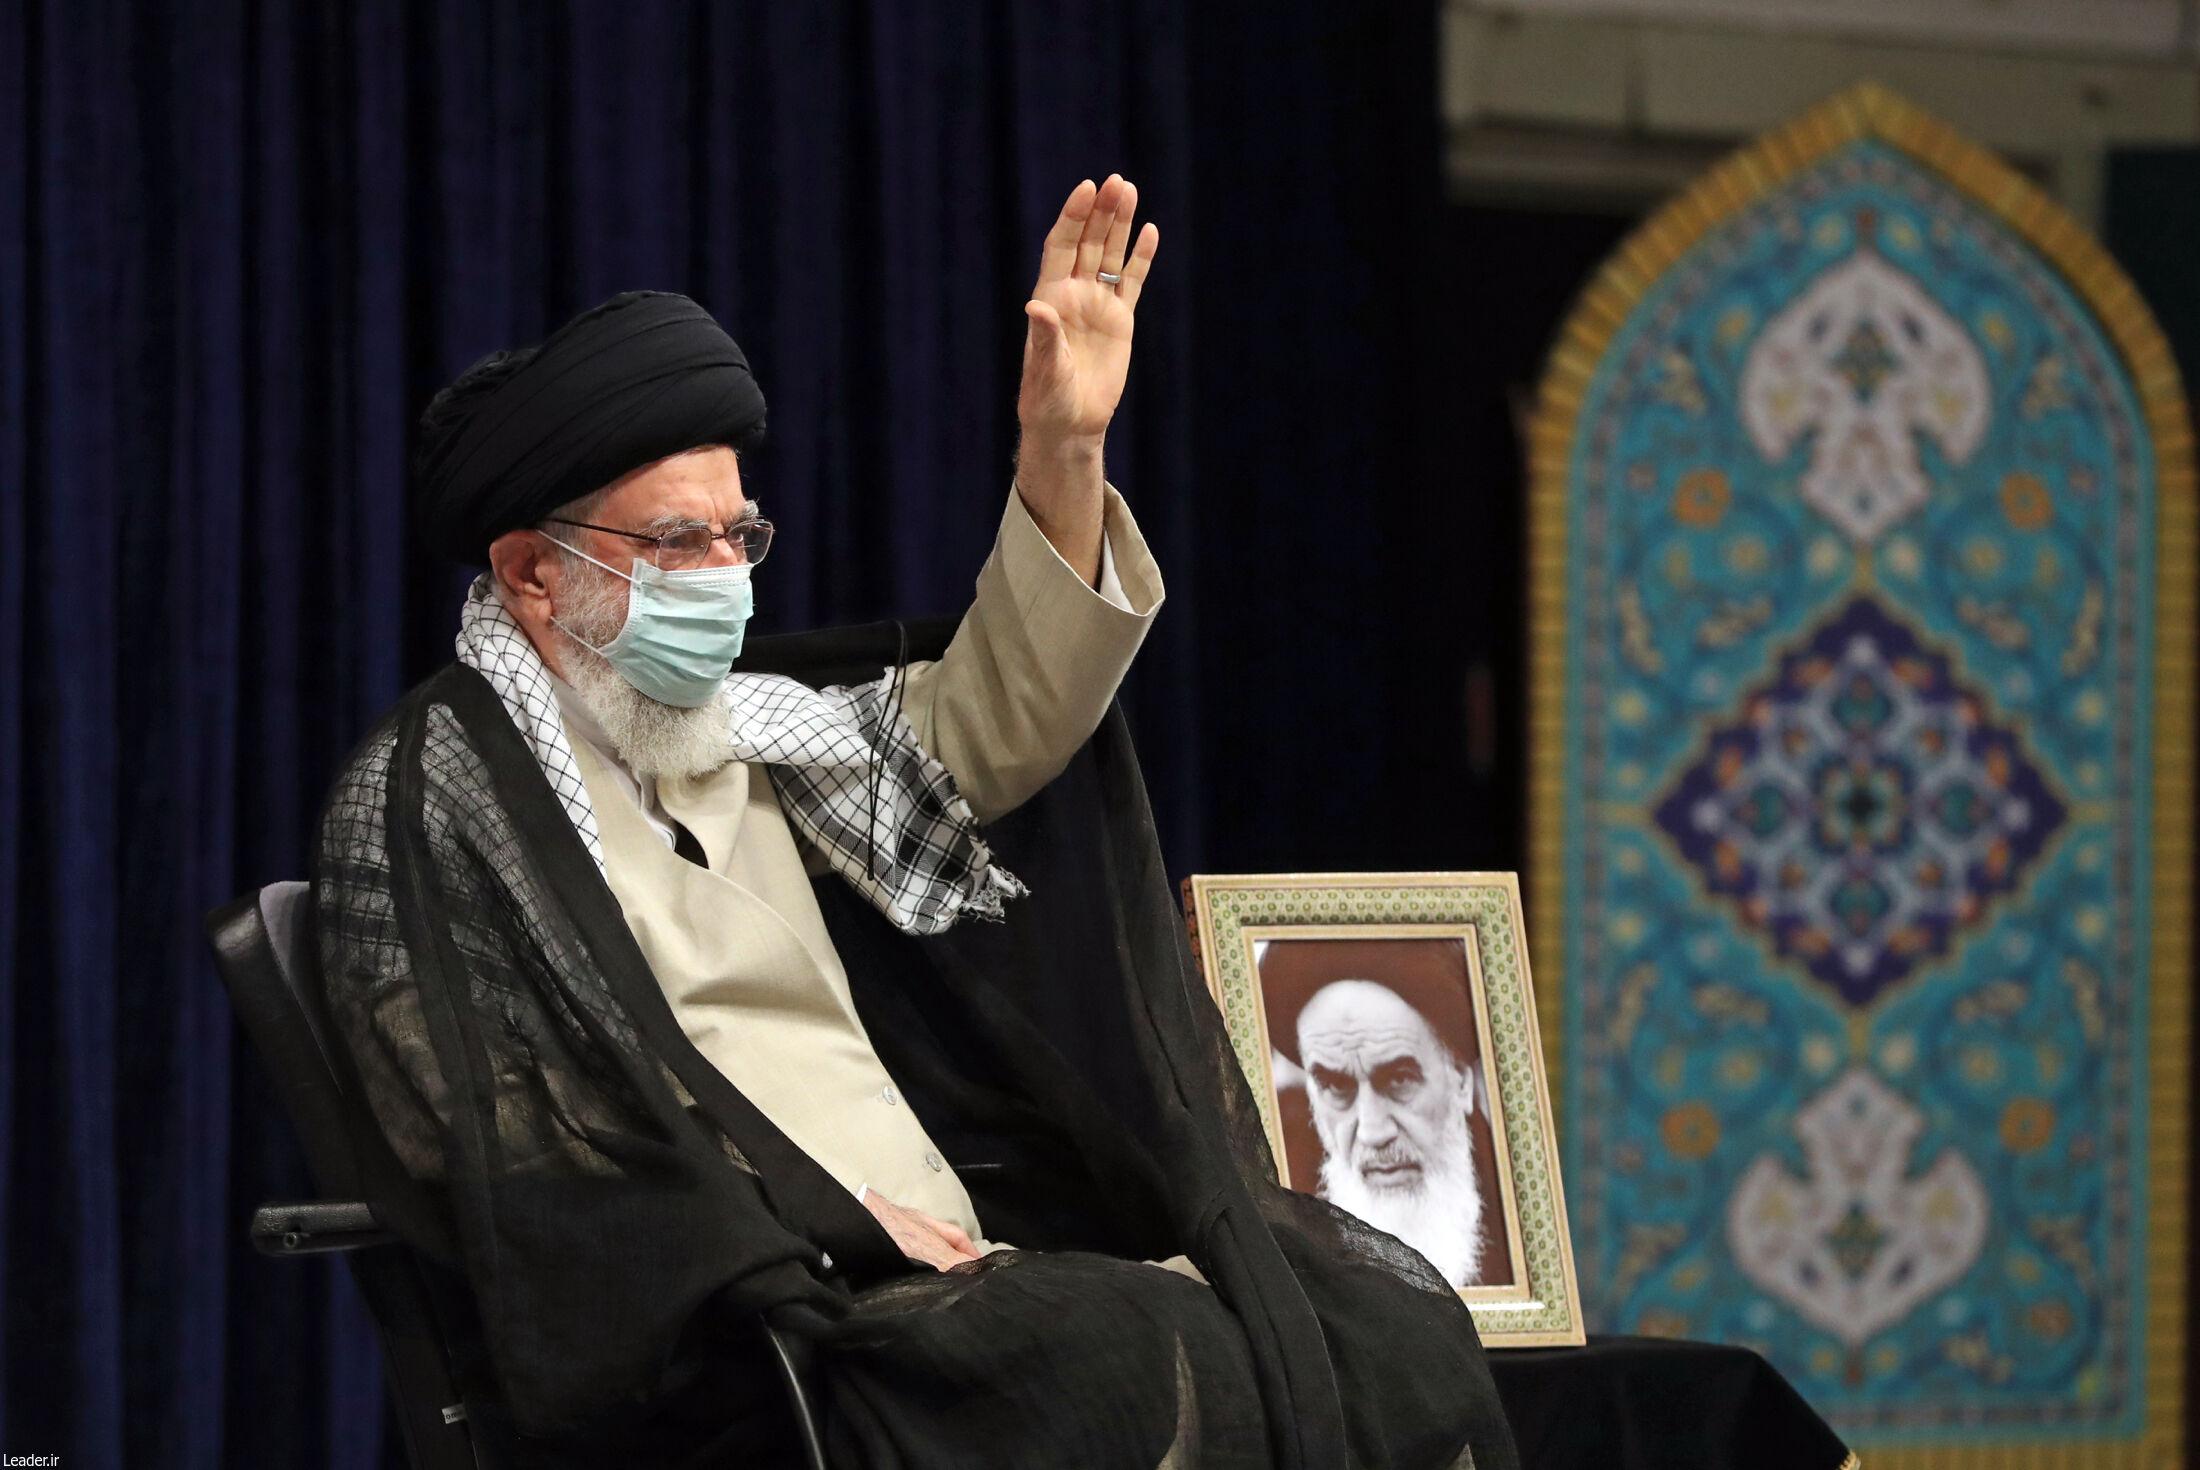 برگزاری مراسم عزاداری اربعین حسینی با حضور مقام معظم رهبری